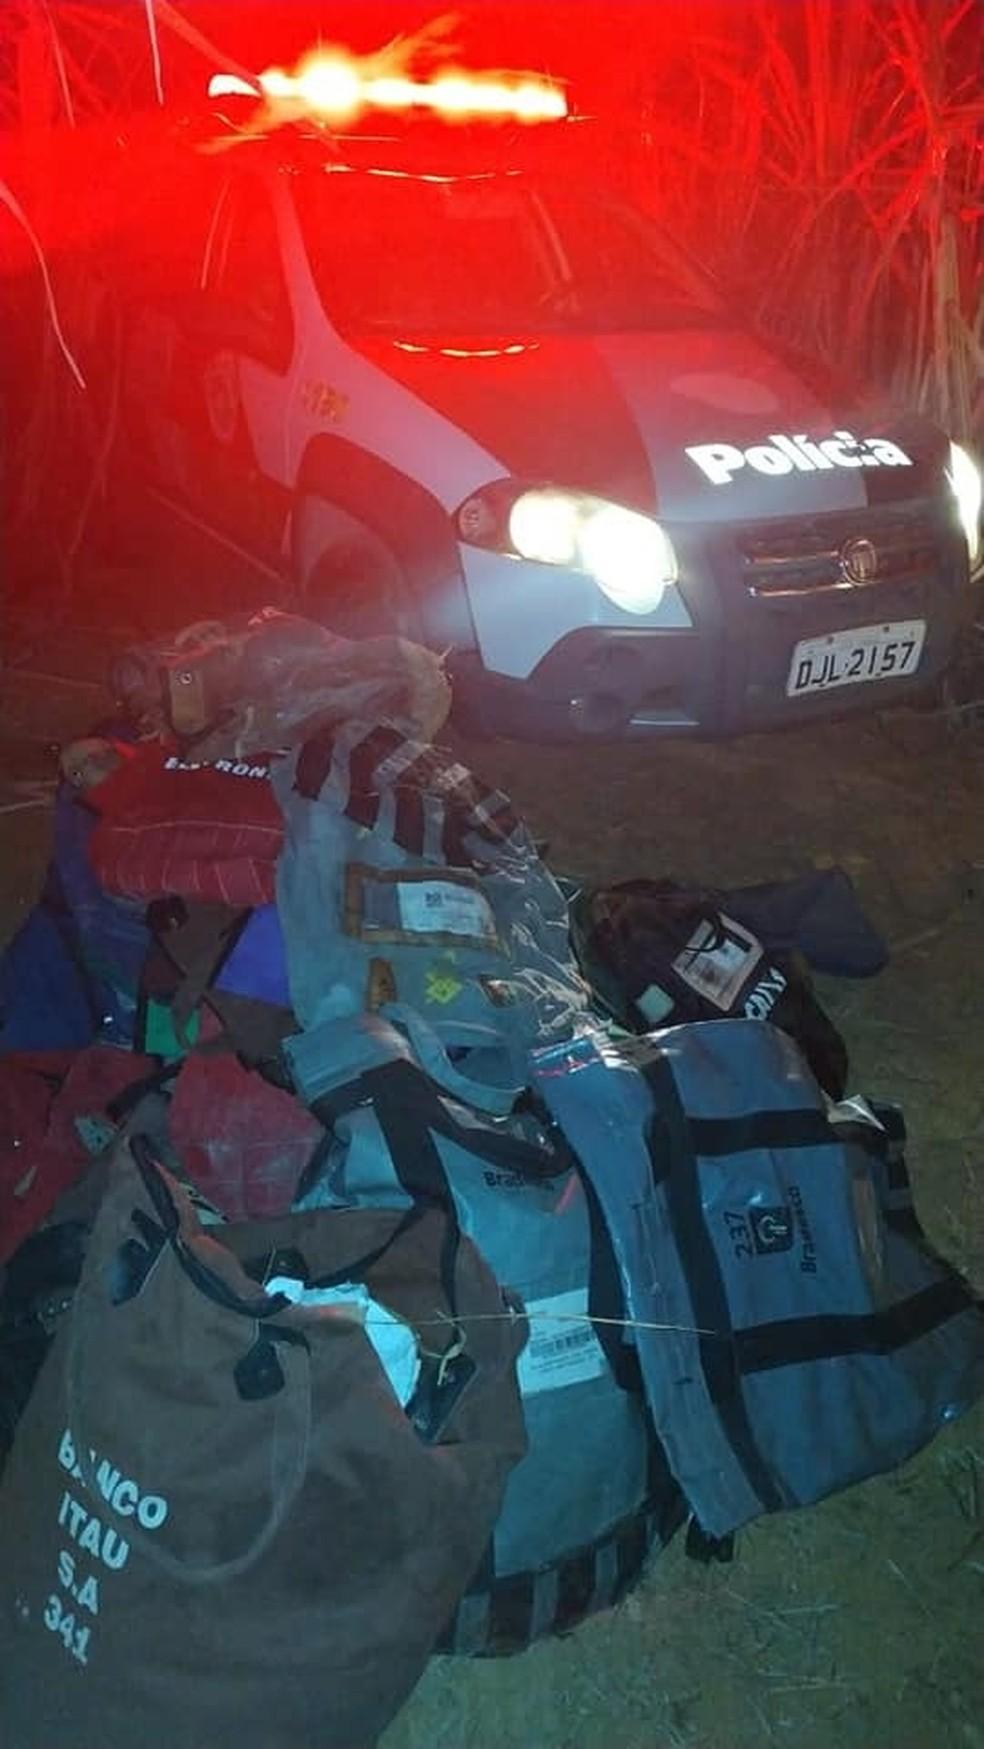 Polícias Civil e Científica foram acionadas e fizeram a perícia no local — Foto: Divulgação/Polícia Militar